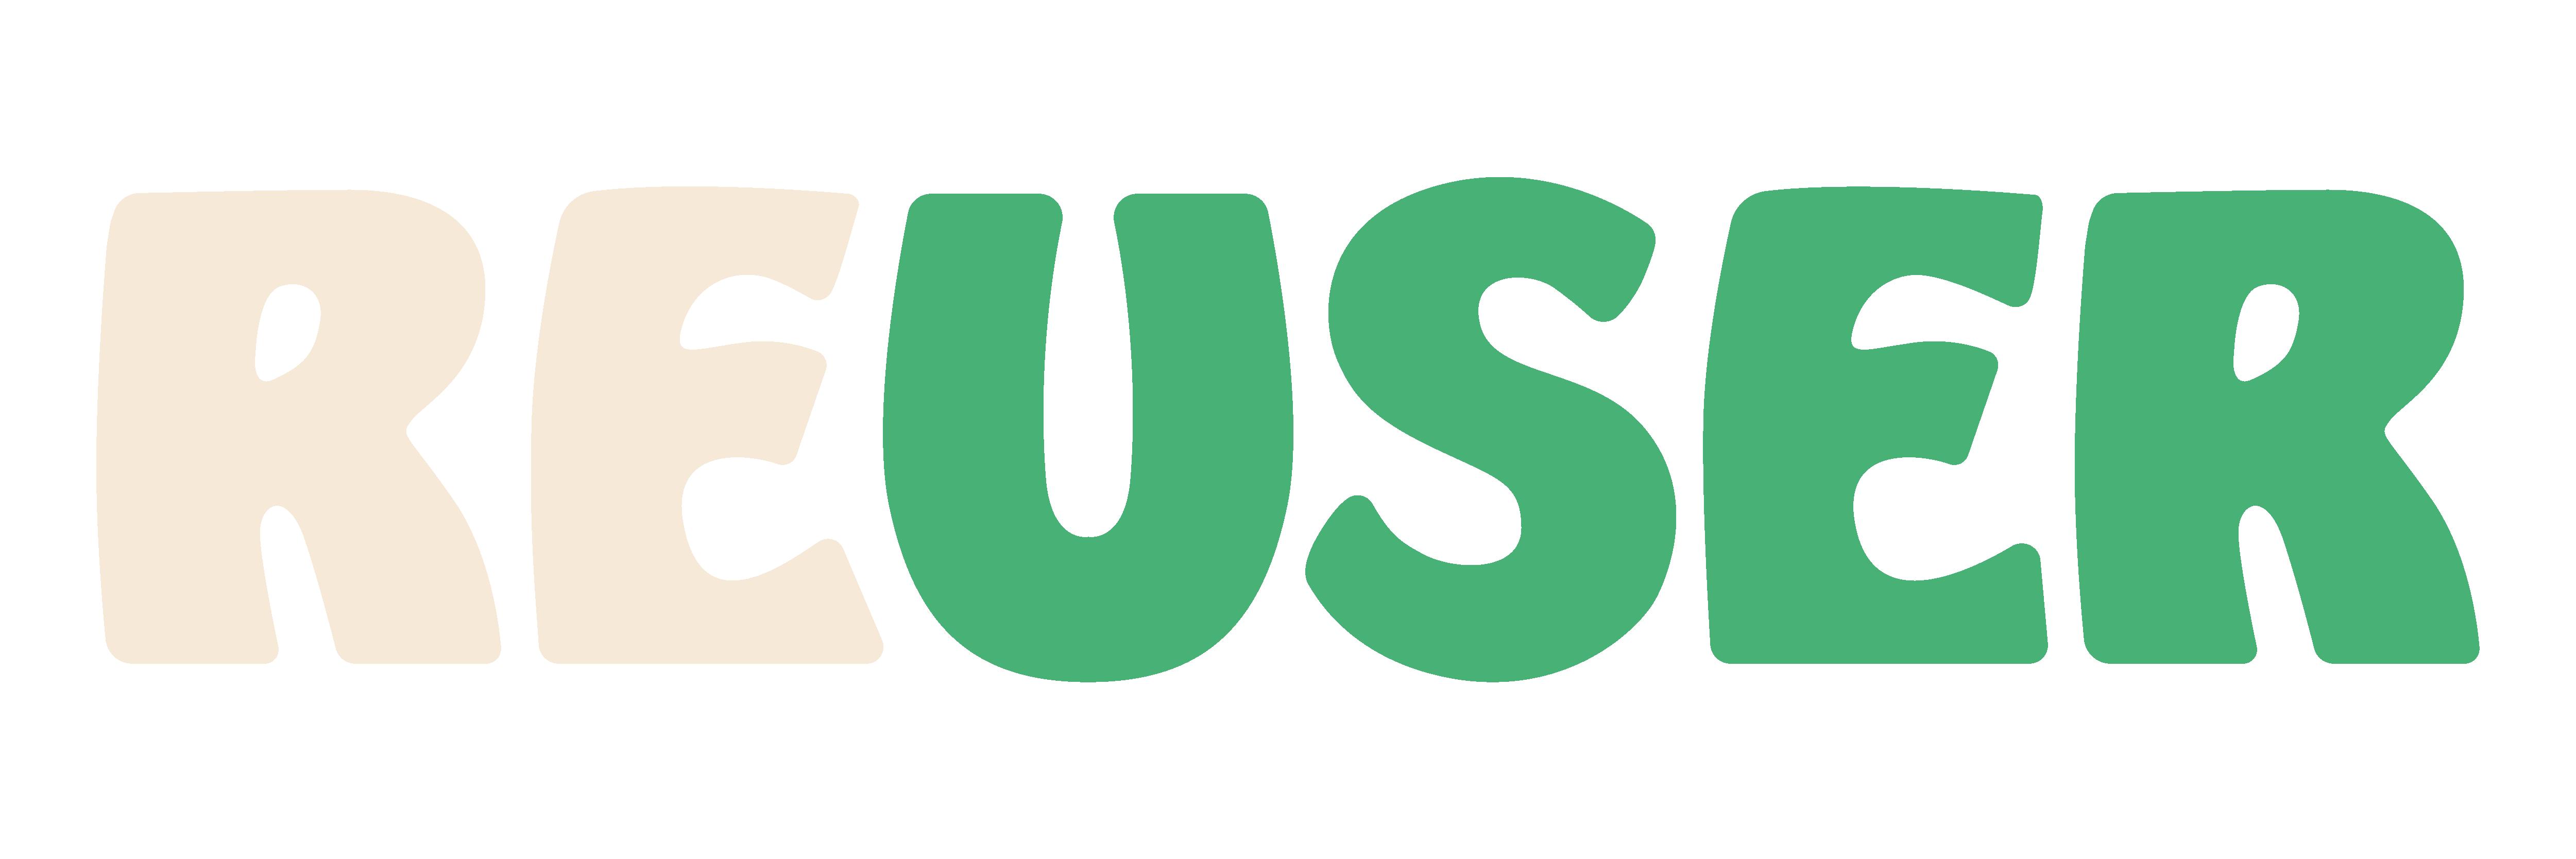 Reuser logo